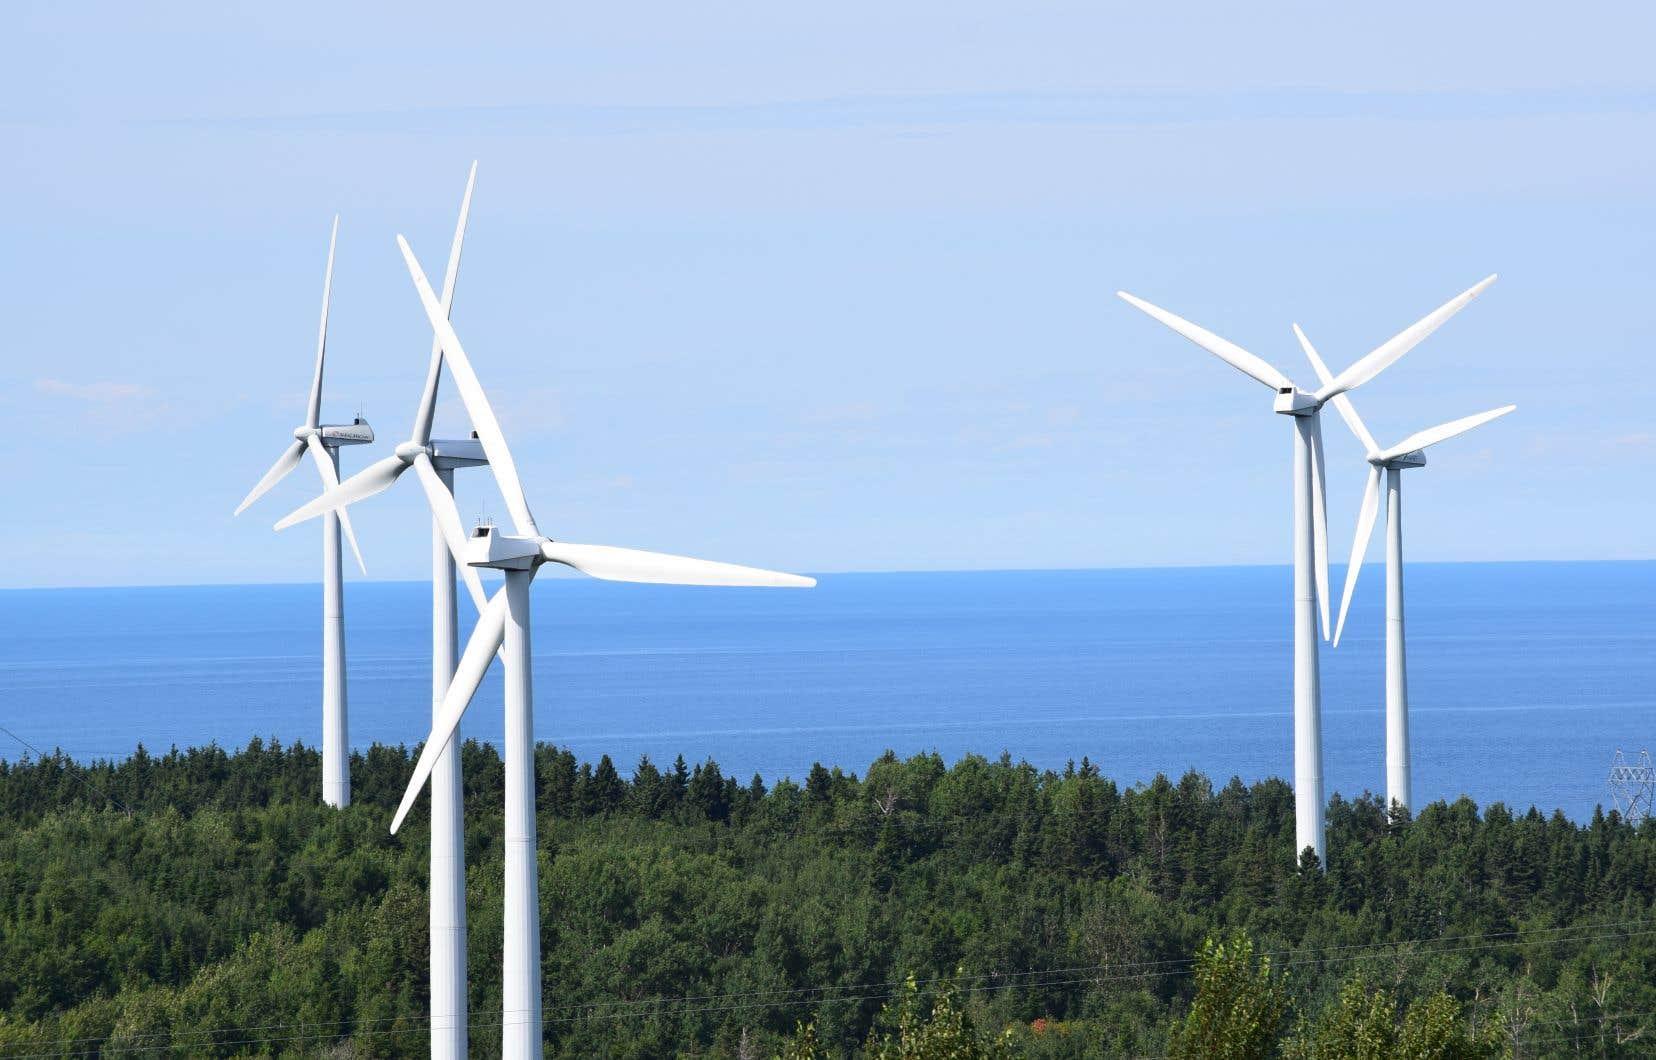 «L'industrie éolienne a fait des pas de géant ces dernières années et est maintenant une option incontournable dans le portefeuille énergétique du Québec», affirme Jonatan Julien, ministre de l'Énergie et des Ressources naturelles.